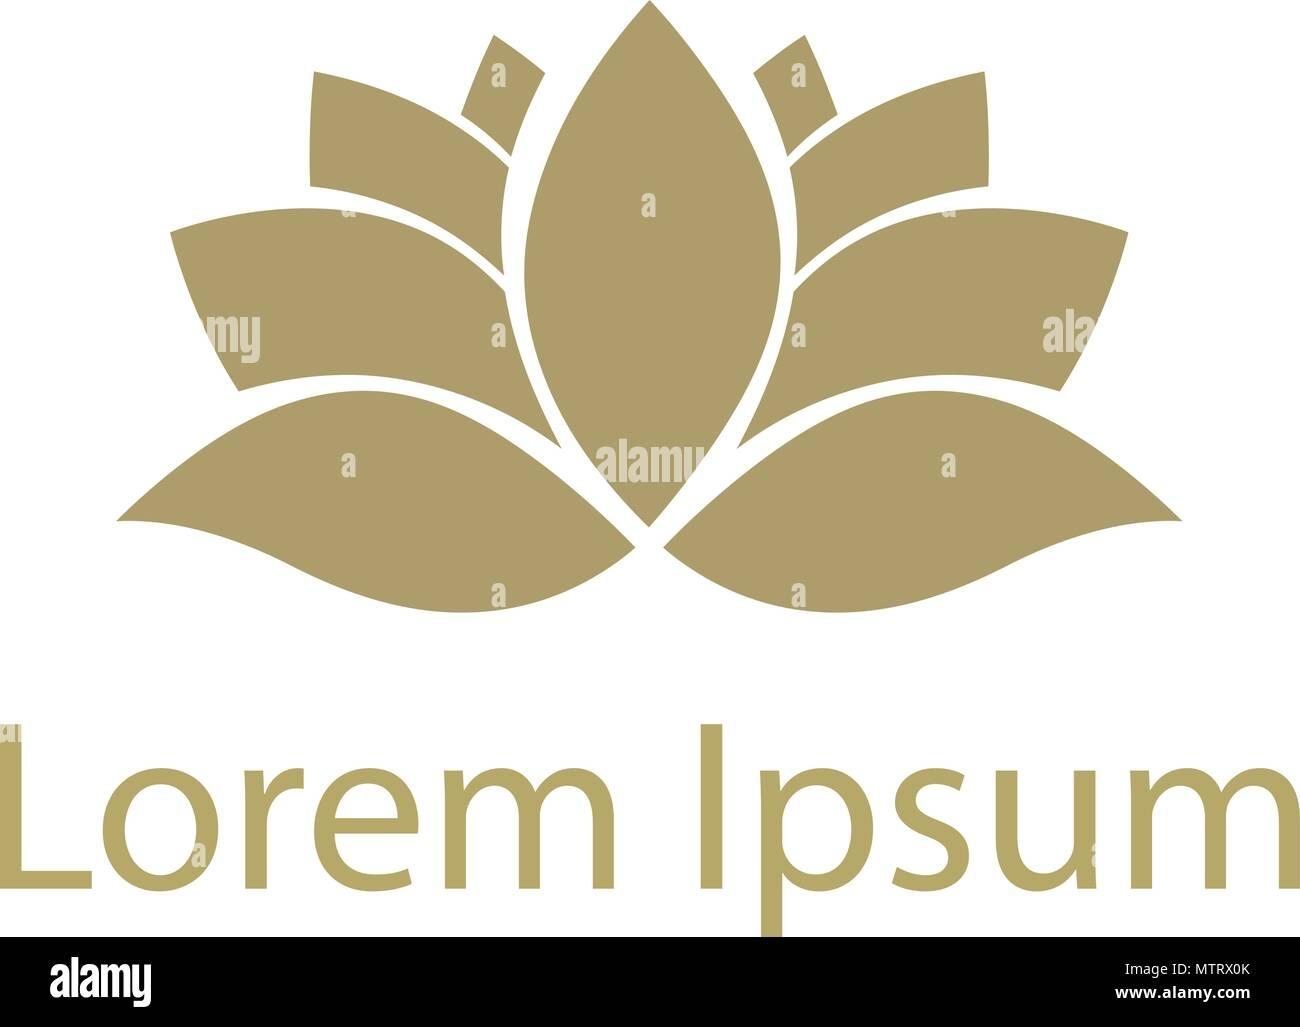 Gold Lotus Flower Logo Template Stock Vector Art Illustration